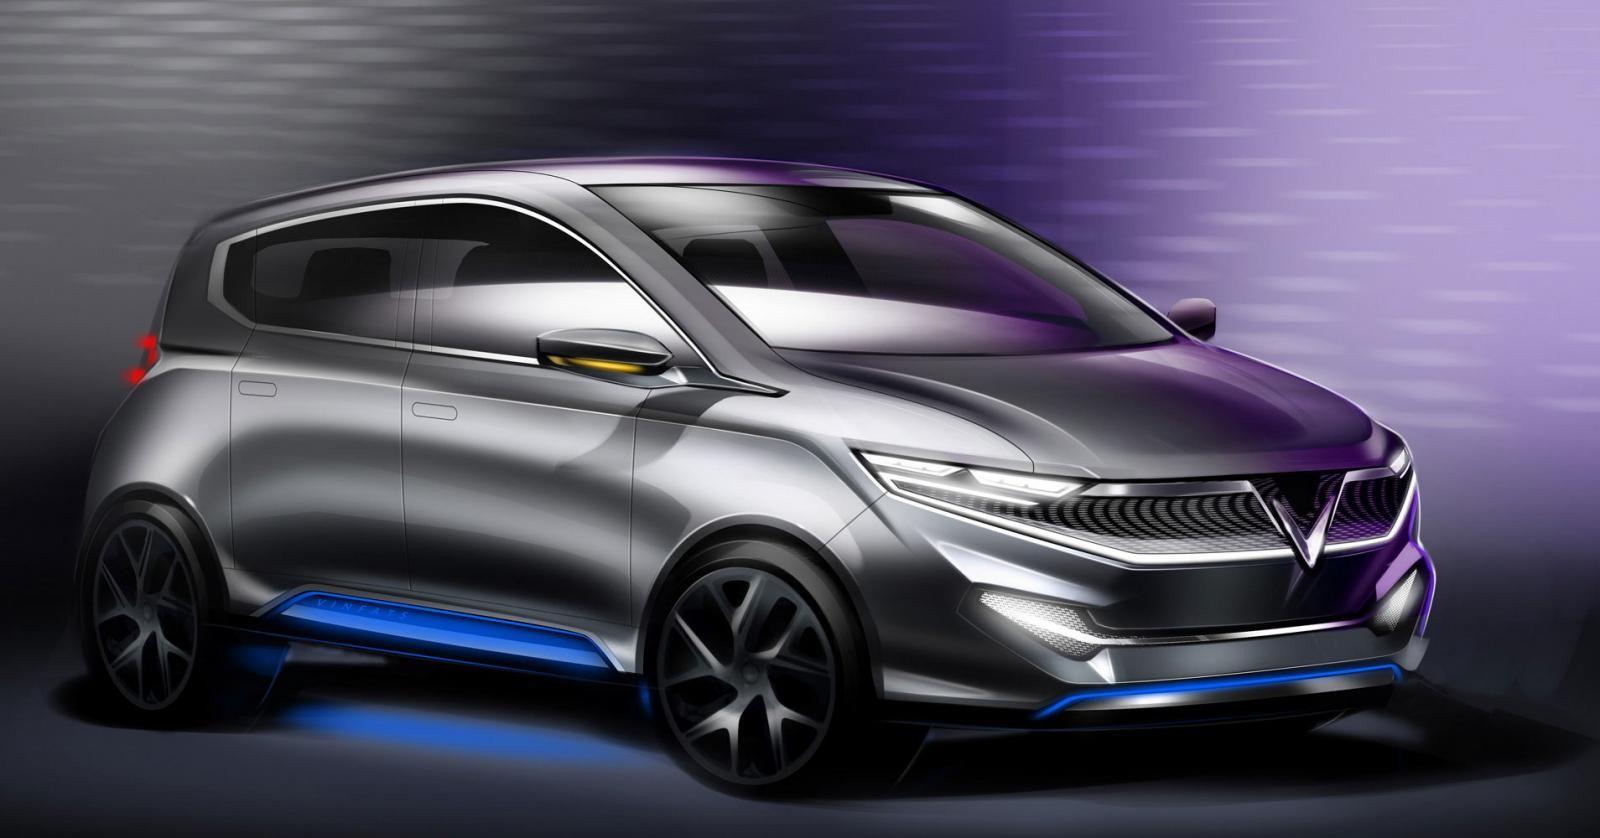 Trong năm 2018 VinFast đã gửi công văn đệ trình lên Bộ Tài chính về bổ sung xe điện vào đối tượng áp dụng chương trình ưu đãi thuế, với con số tham khảo là sản lượng xe điện theo kế hoạch phát triển của thương hiệu Việt